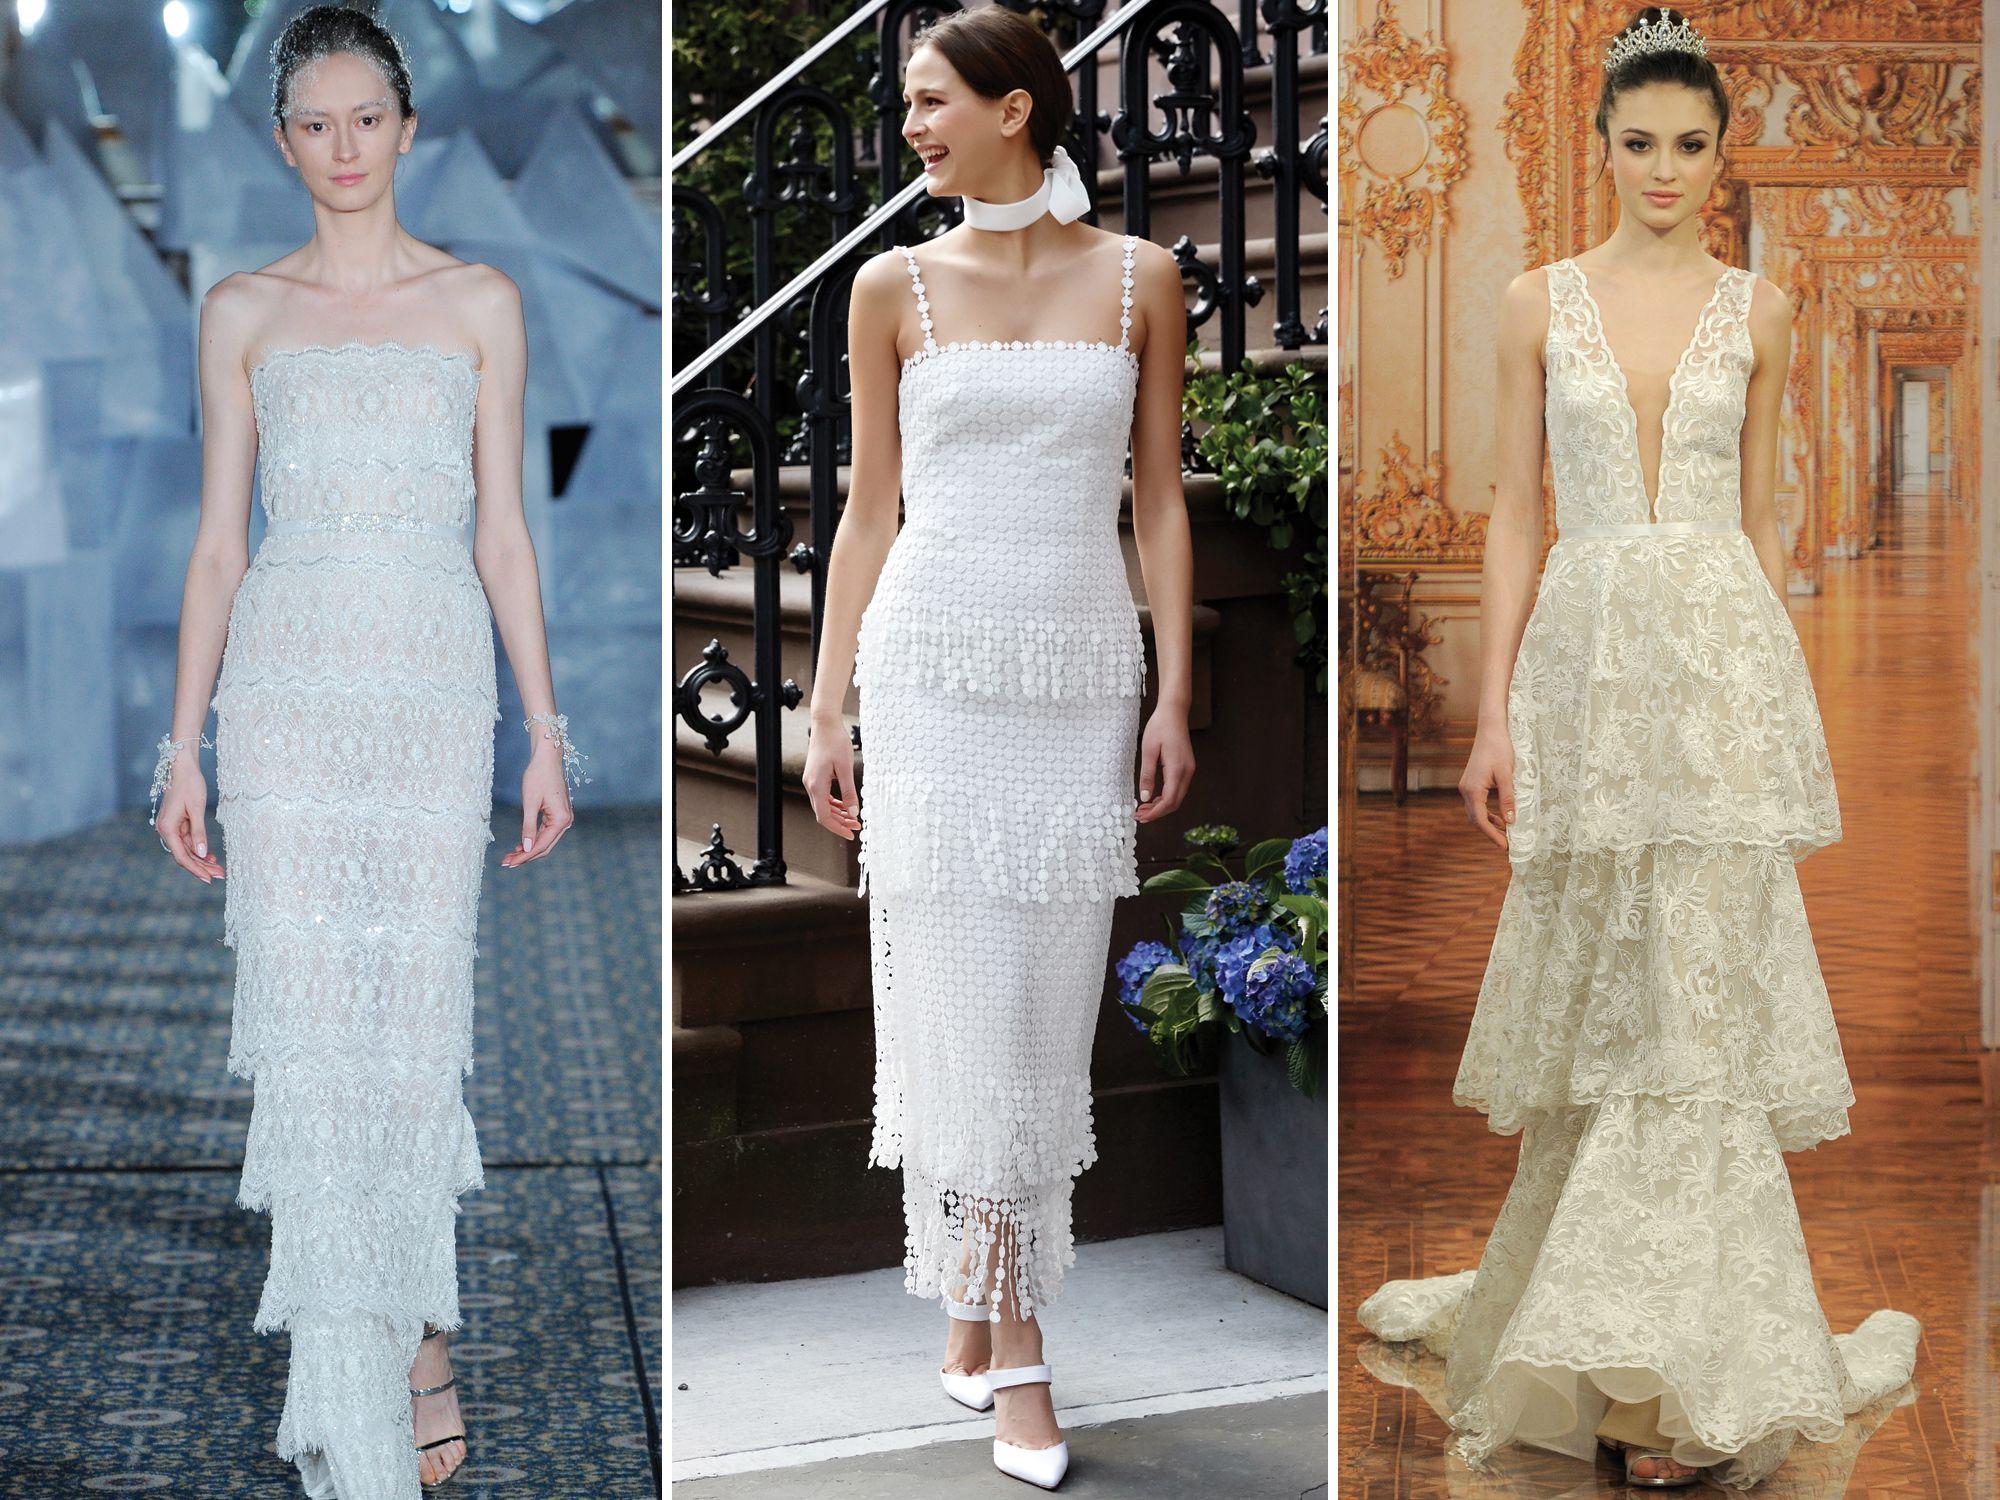 tres propuestas según las últimas tendencias en la ropa ibicenca, diseños de encanto para una boda boho